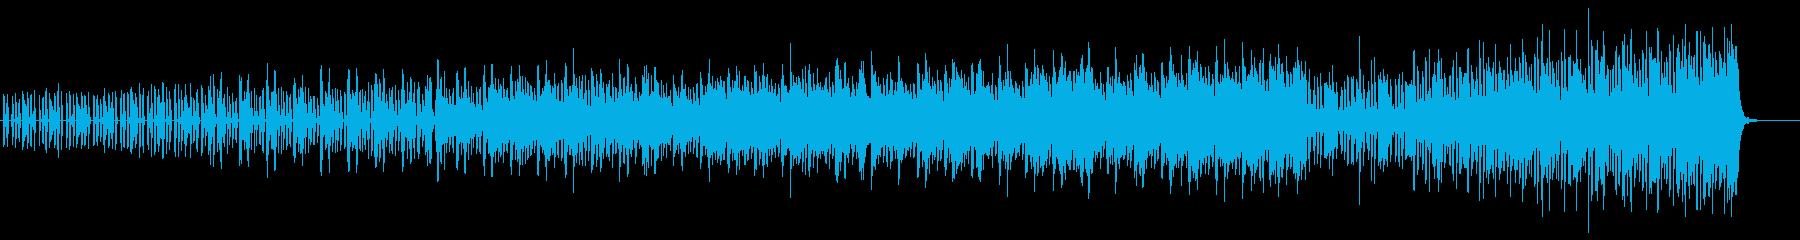 ポップ テクノ アンビエント コー...の再生済みの波形